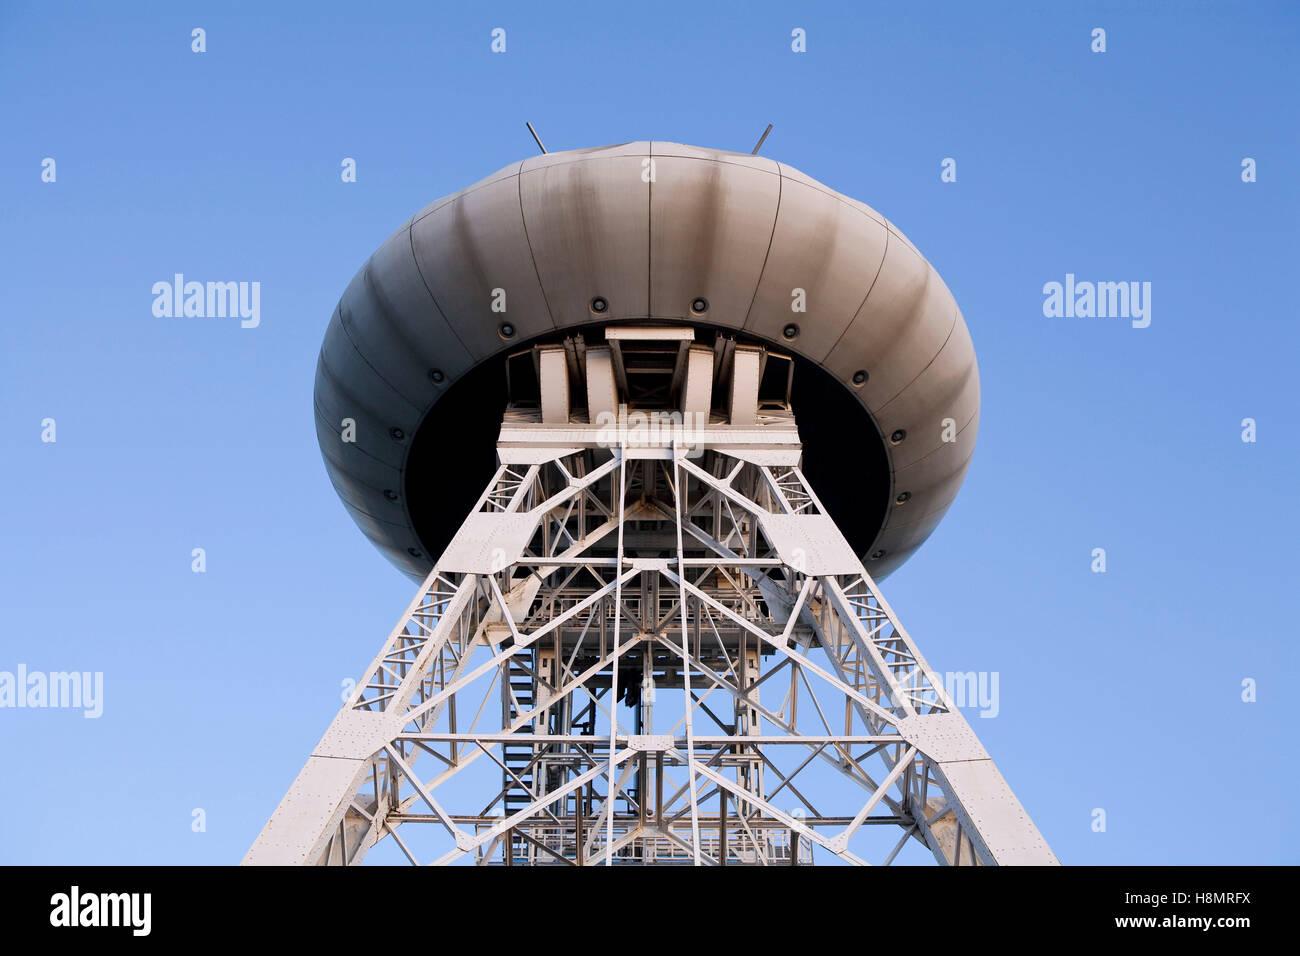 Alemania, área de Ruhr, centro tecnológico Luentec, el ovni del diseñador Colani en la parte superior Imagen De Stock